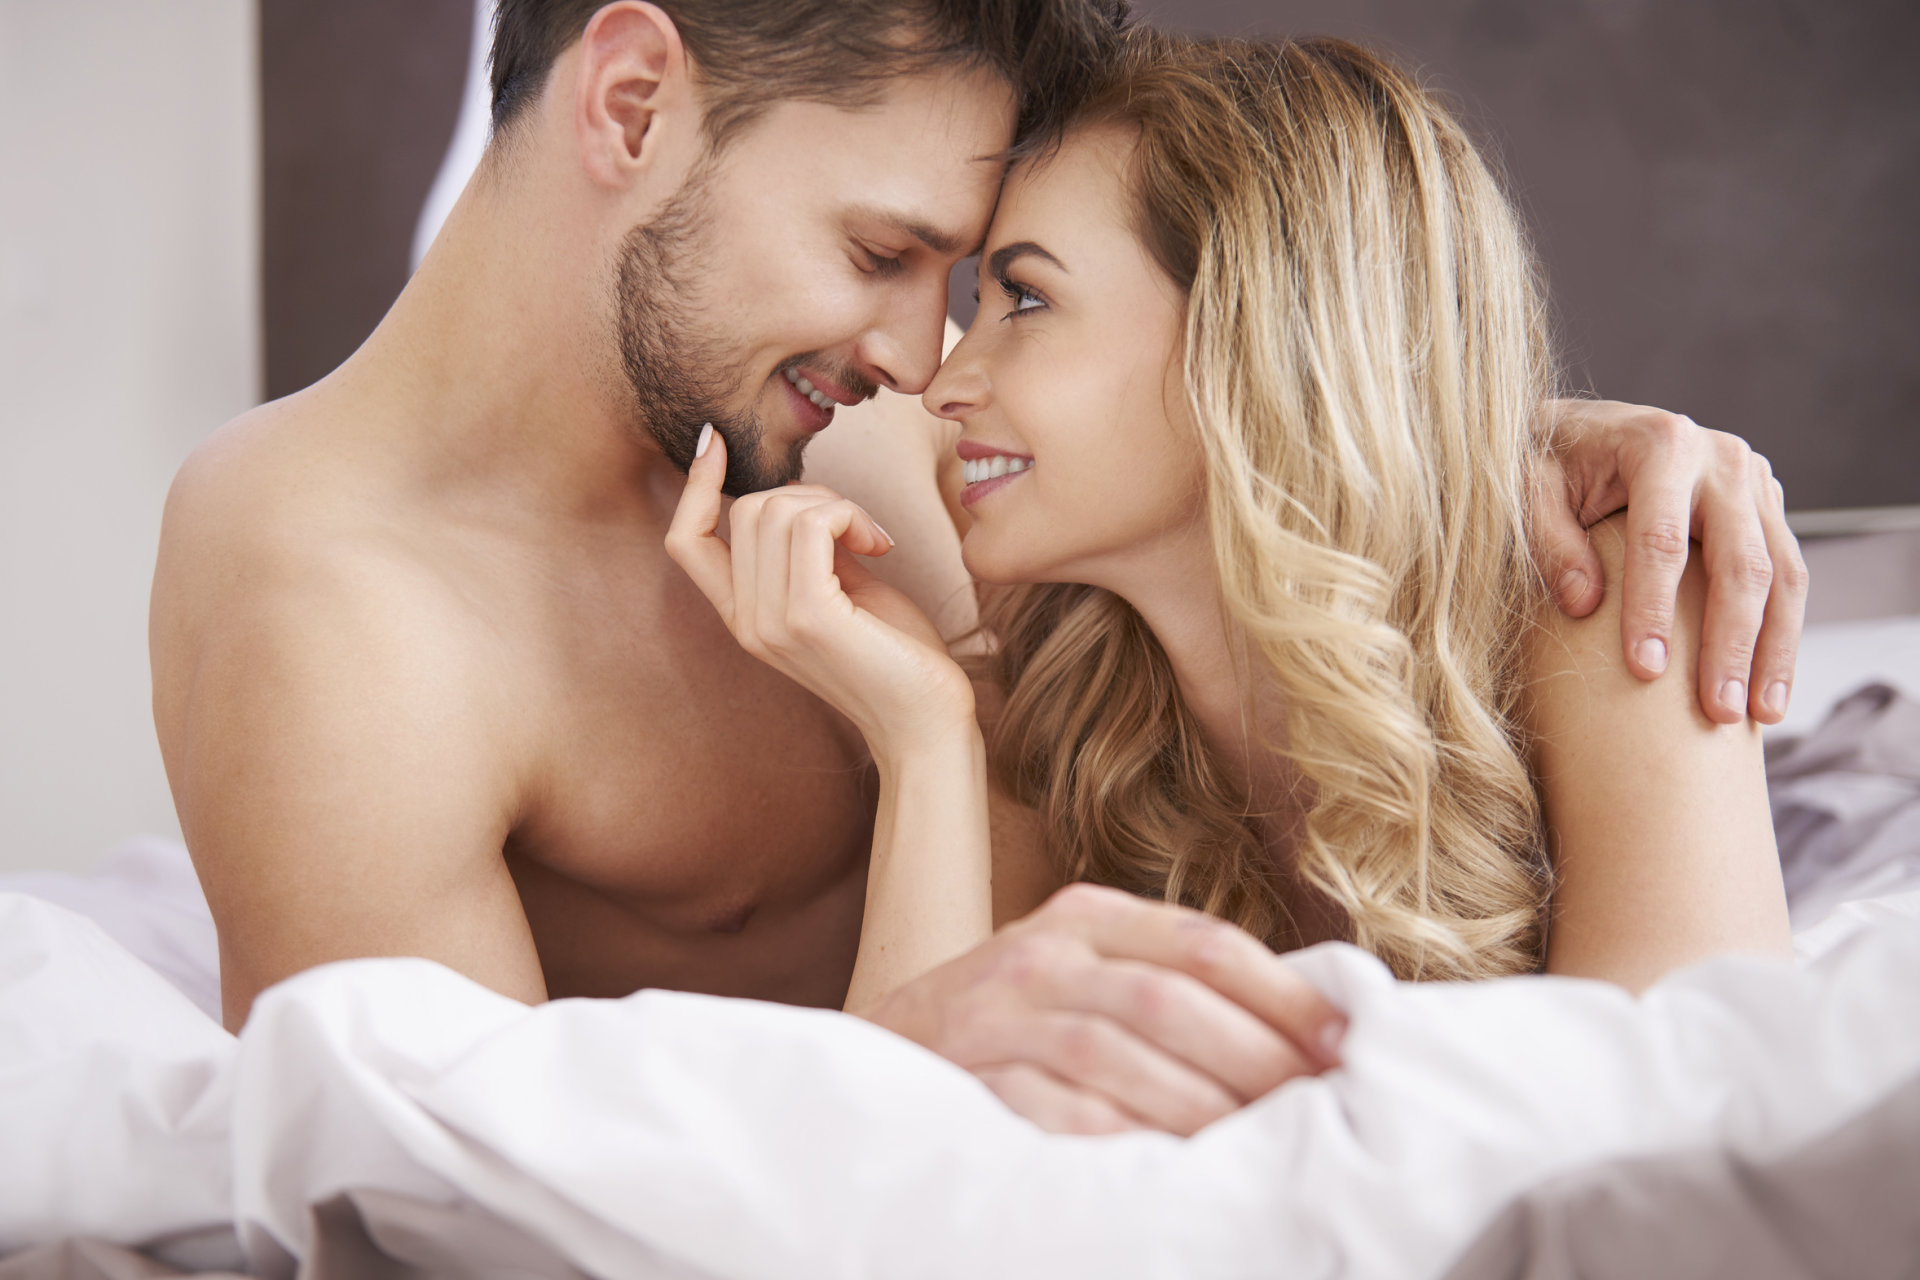 erekcijos sumažėjimo lytinio akto metu priežastys atsisiuskite nari padidinti